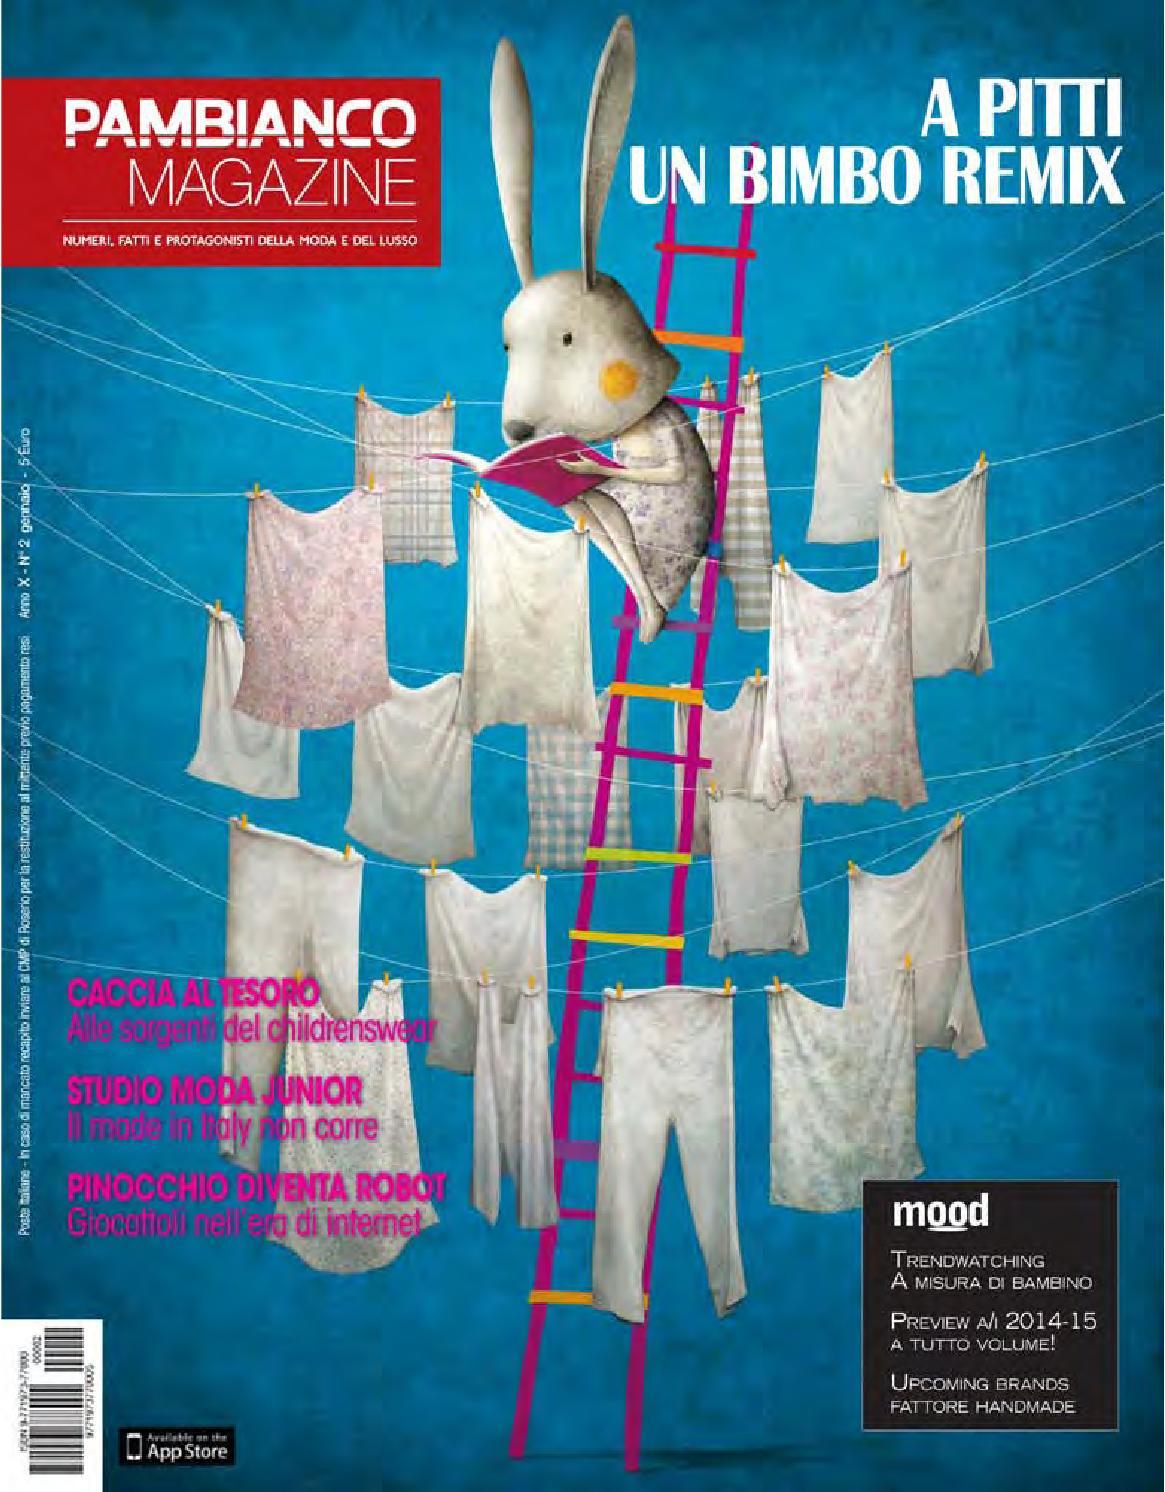 a91452edcb Pambianco Magazine N.2 X by Pambianconews - issuu